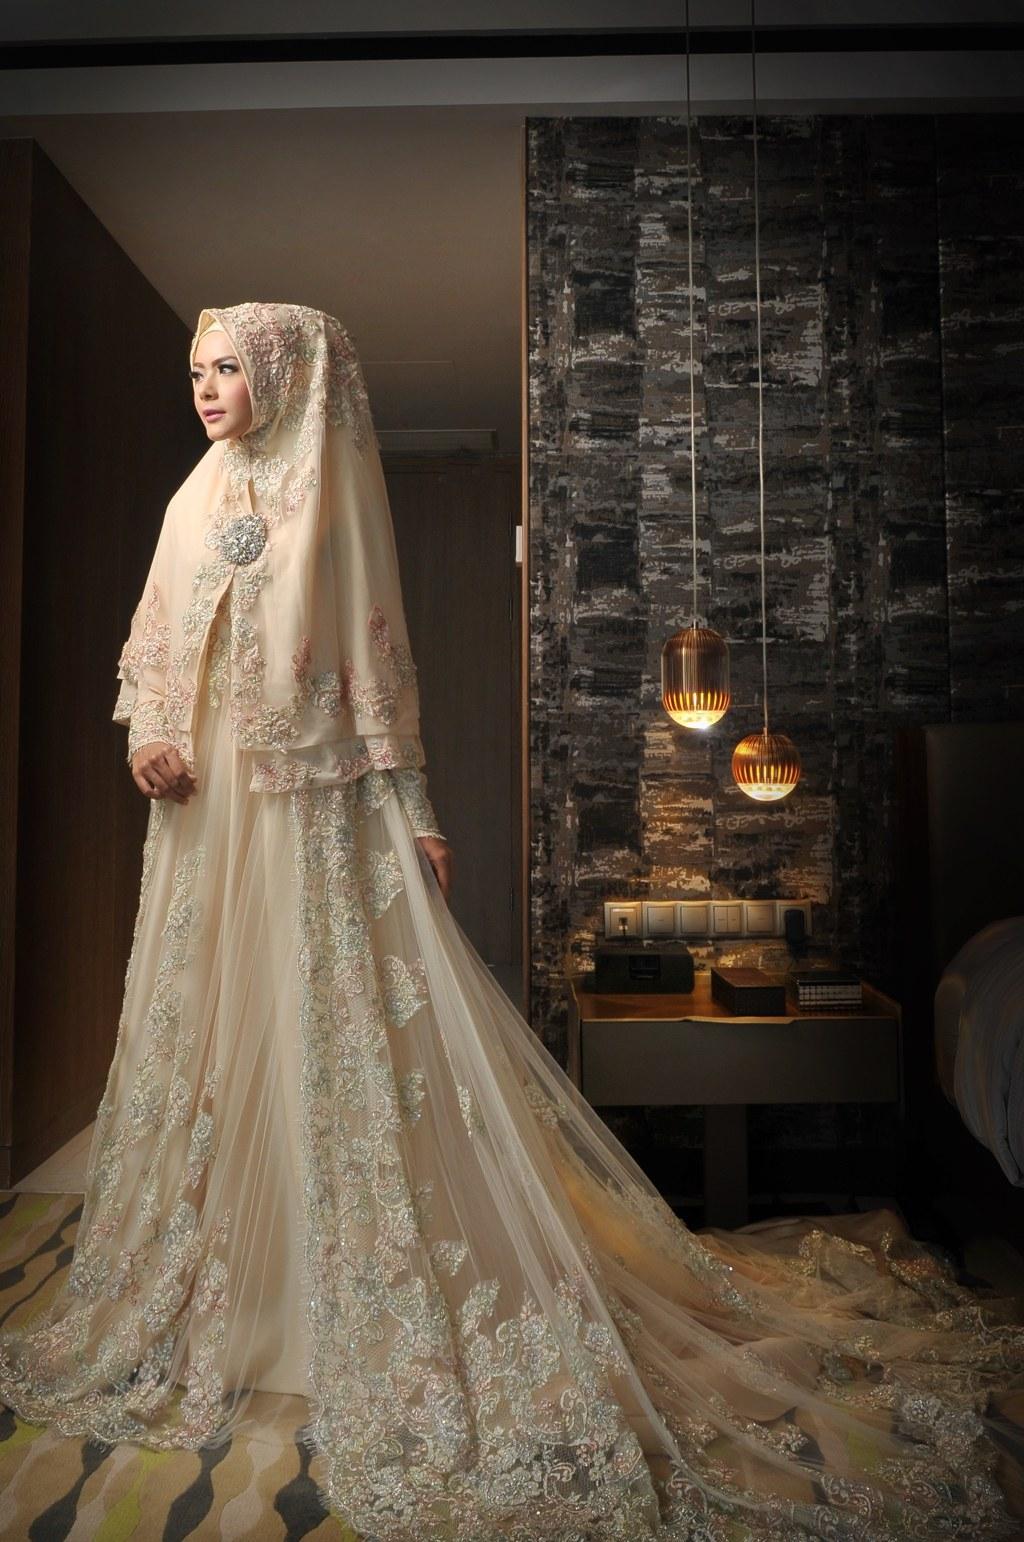 Bentuk Sewa Gaun Pengantin Muslimah Wddj 80 Sewa Gaun Pengantin Dan Make Up Jakarta